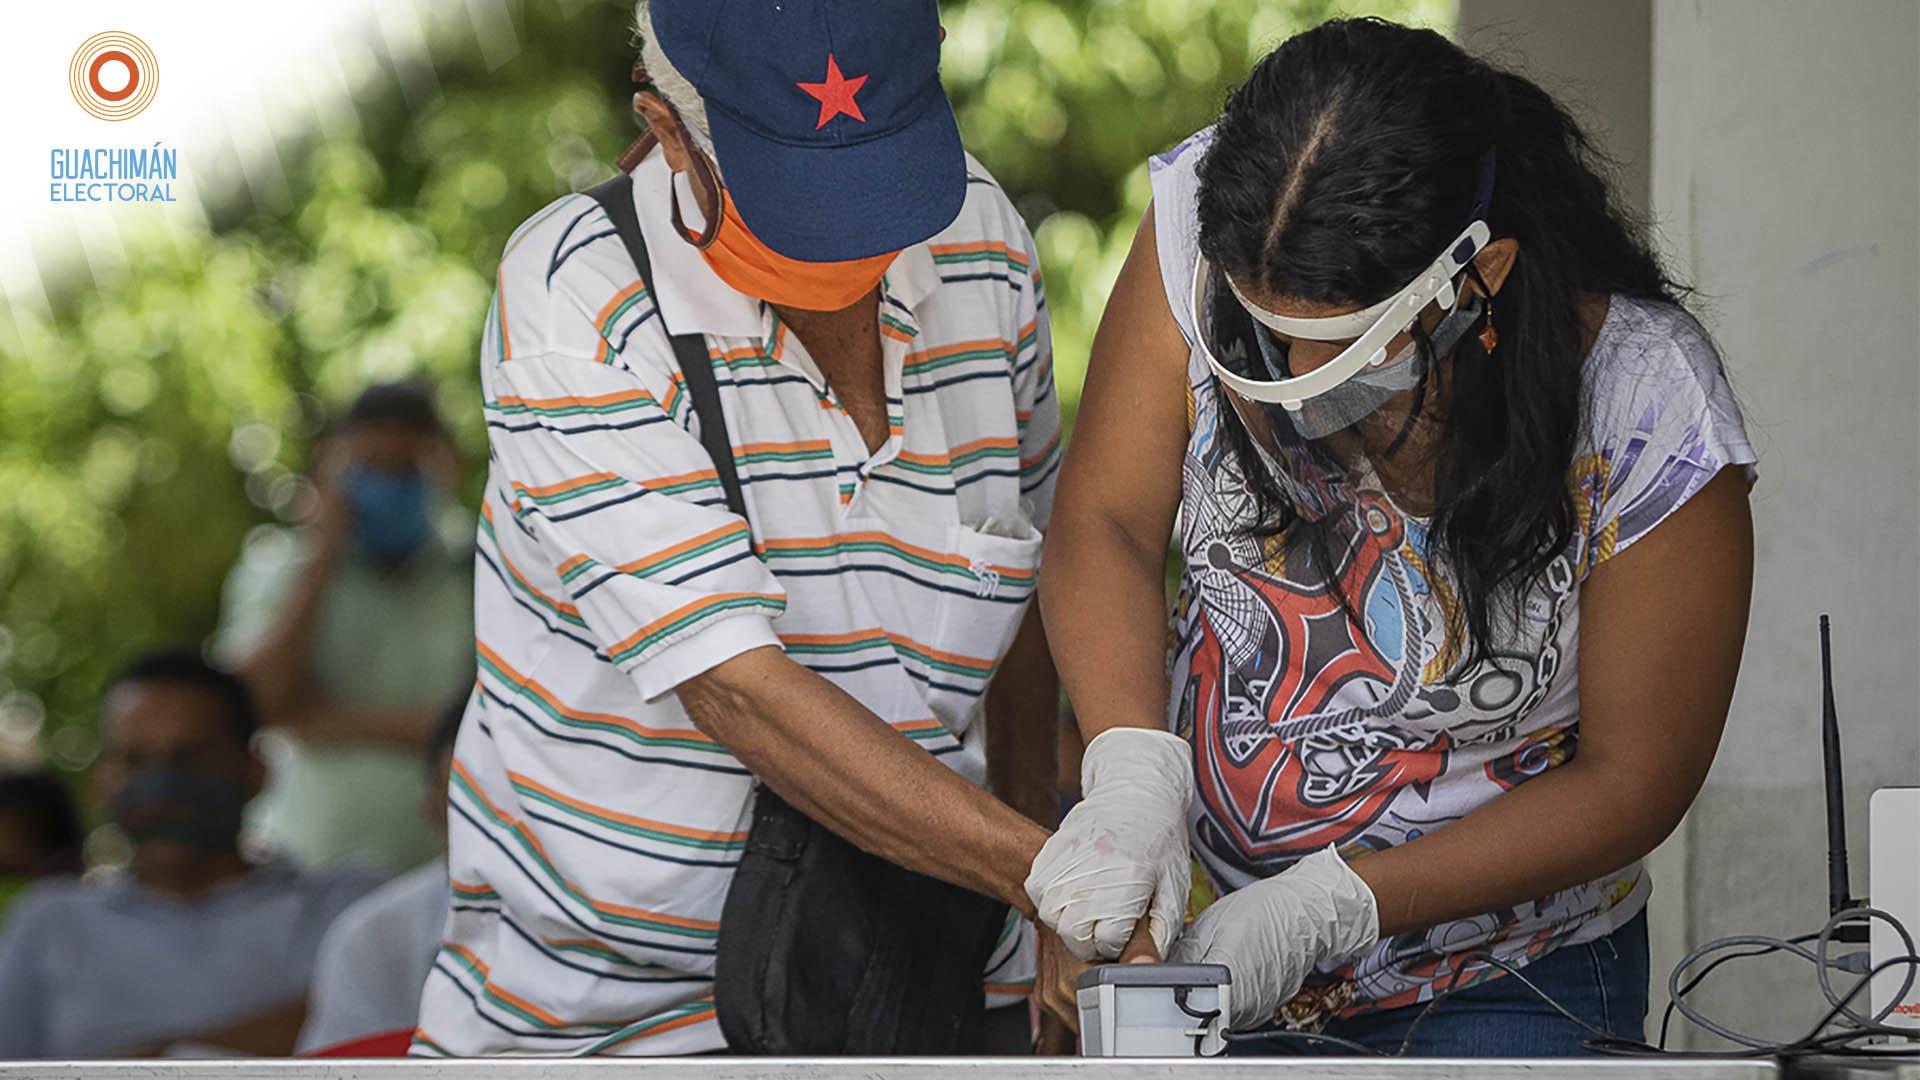 #GuachimánElectoral | Novedades y más pasos en el proceso ejercerán presión sobre los votantes